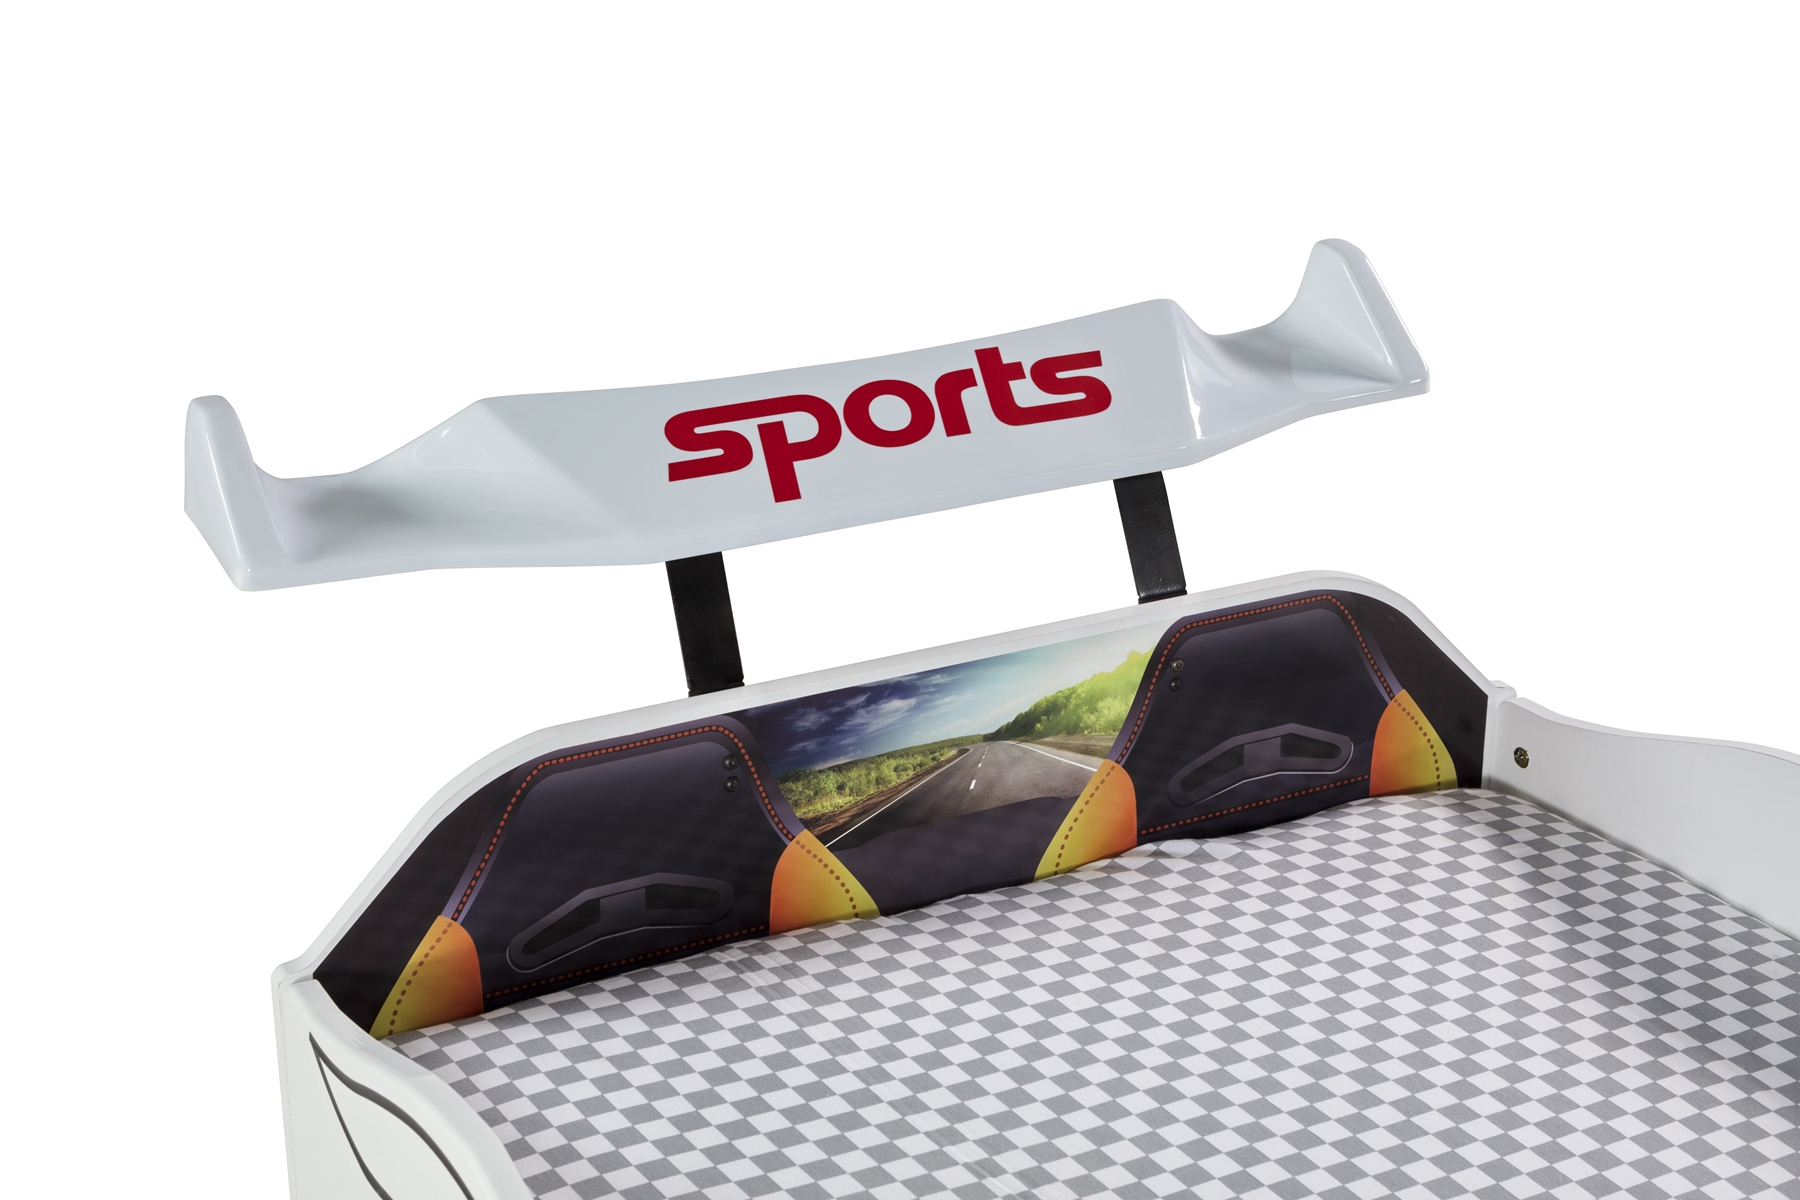 Autobett Kinderzimmer Forza 2 Turbo 4-teilig in Weiß